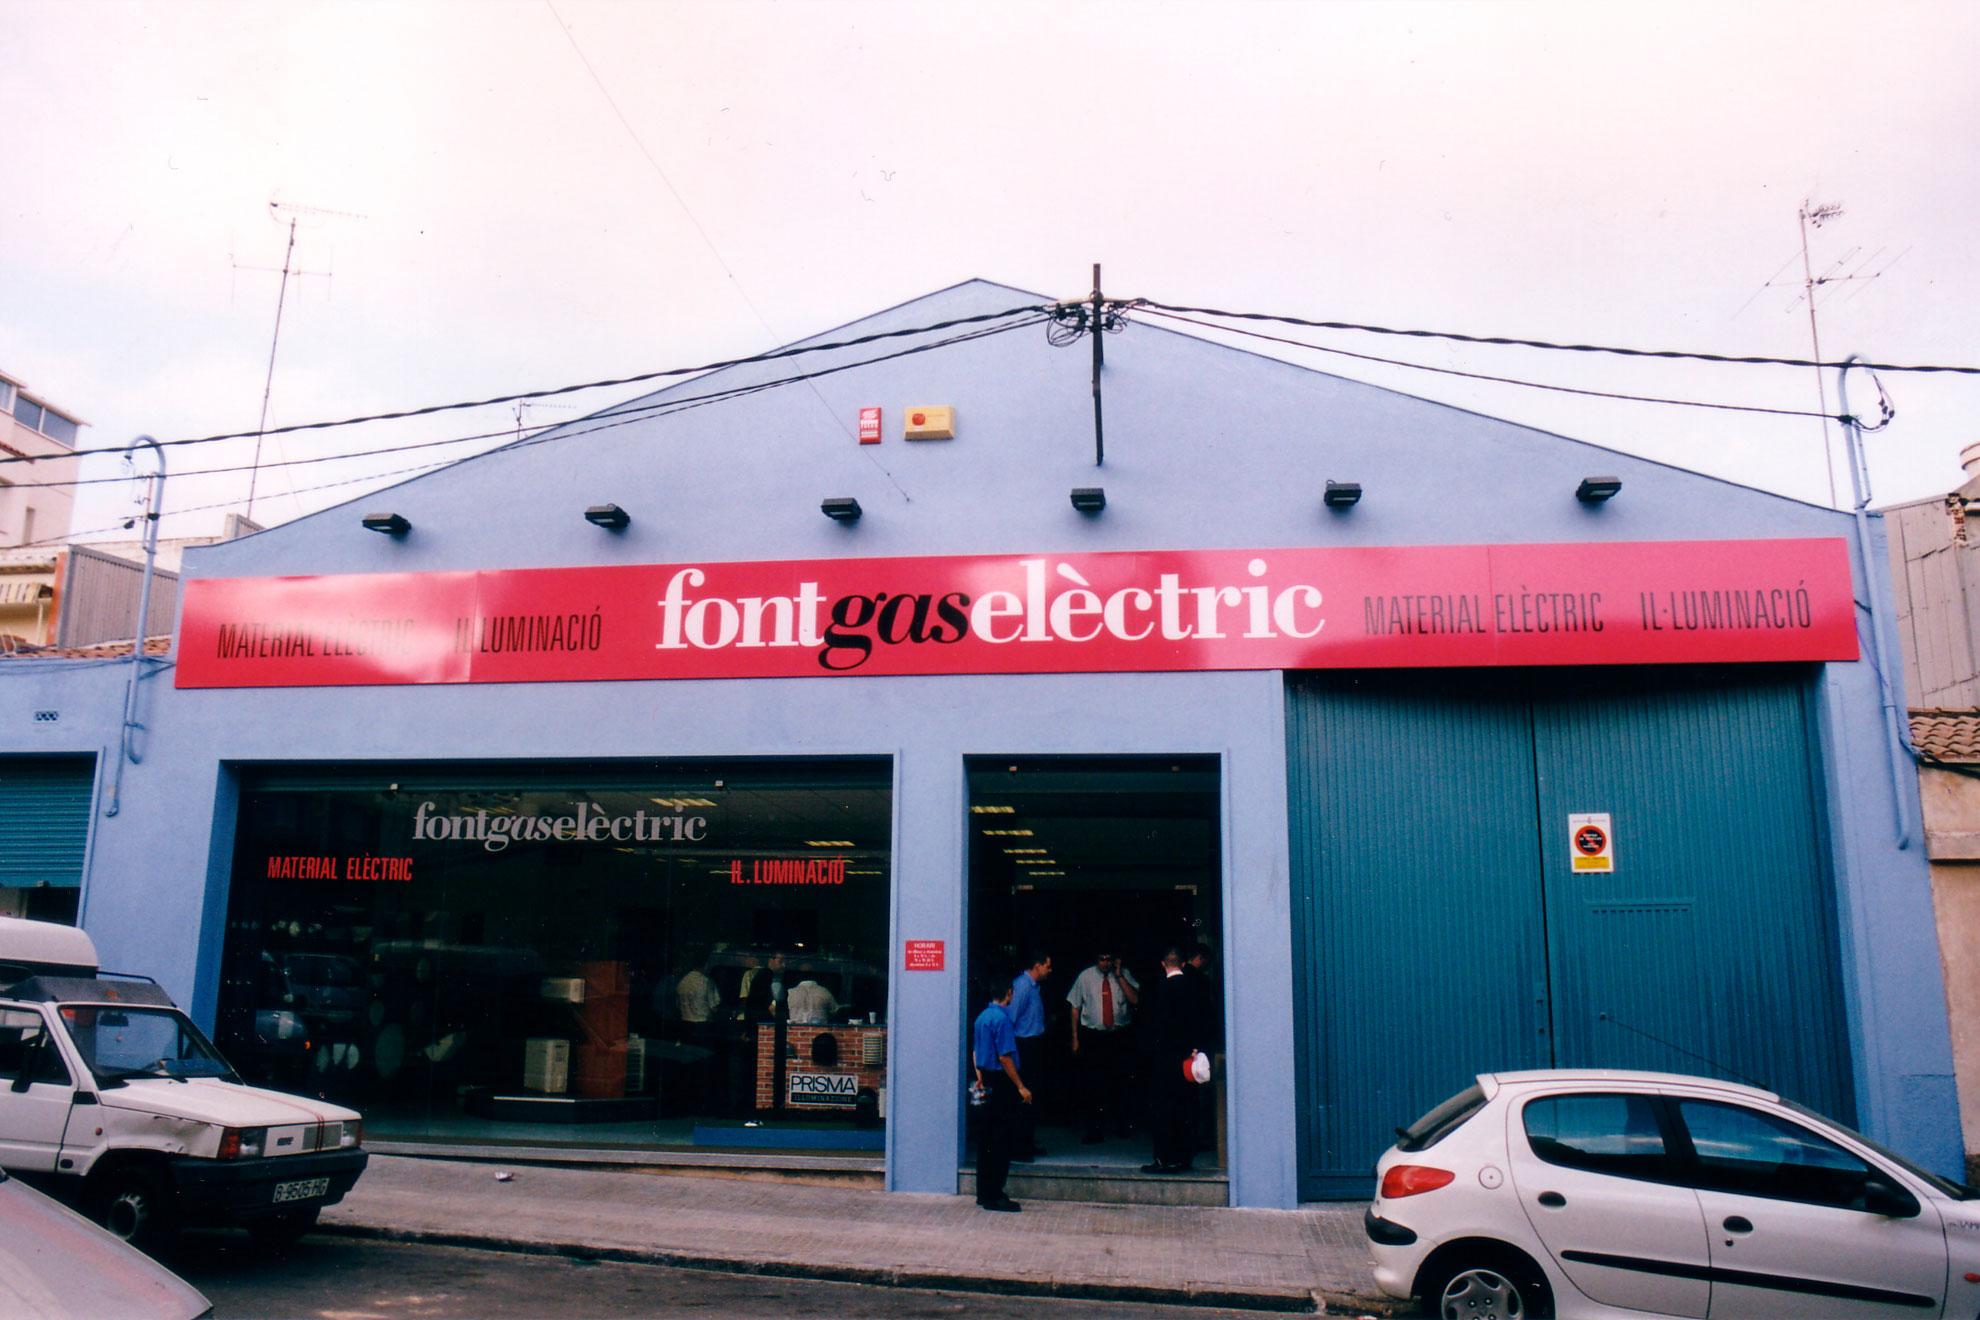 Empresa de suministros con m s de 30 a os de experiencia fontgas - Fontgas sabadell ...